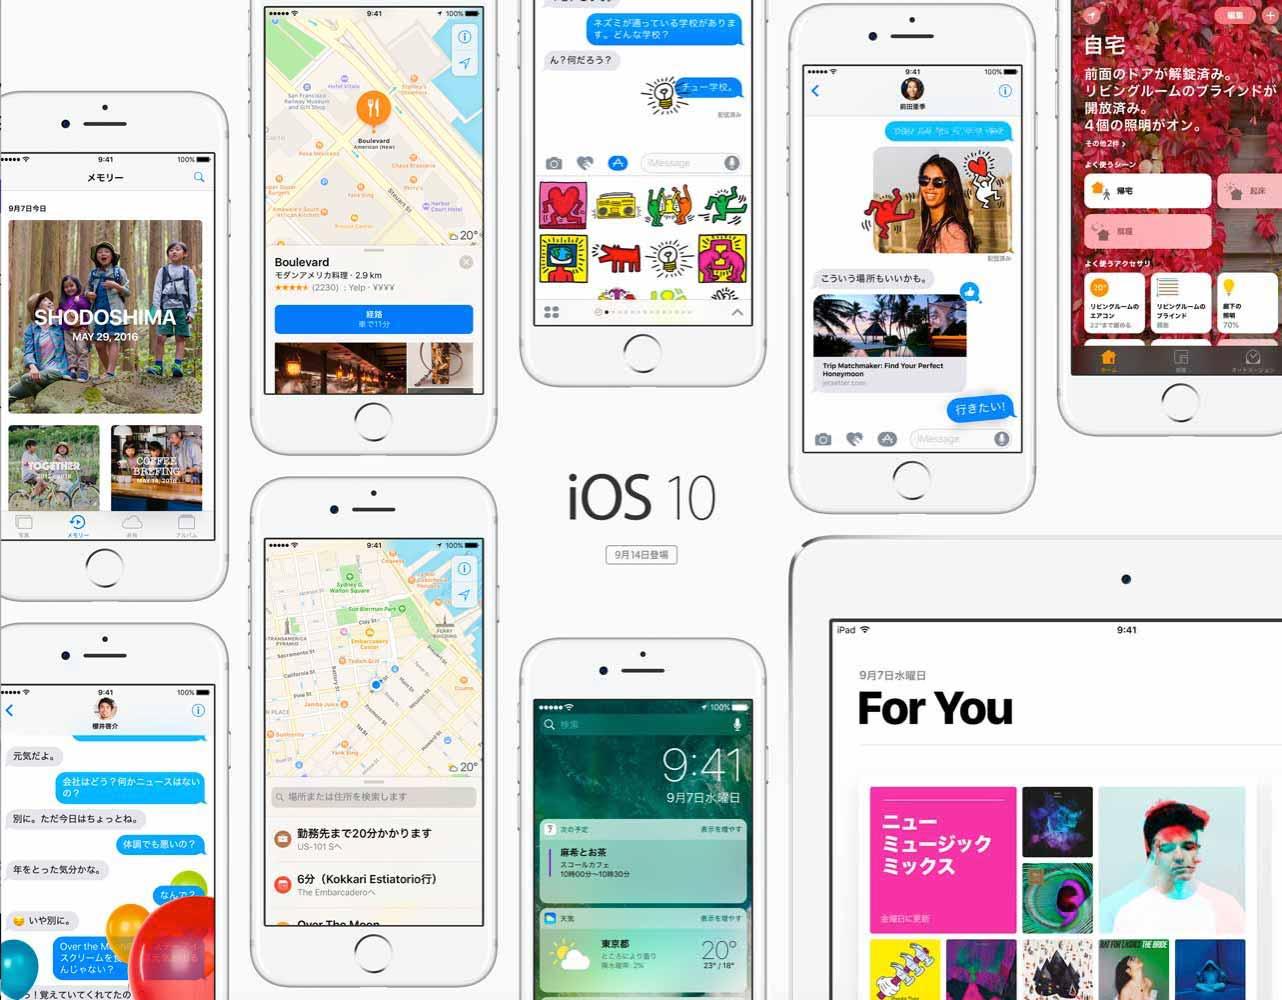 Apple、「iOS 10」と「watch OS 3」を9月13日(日本は9月14日)にリリースへ 〜 デベロッパーにはGM版がリリース